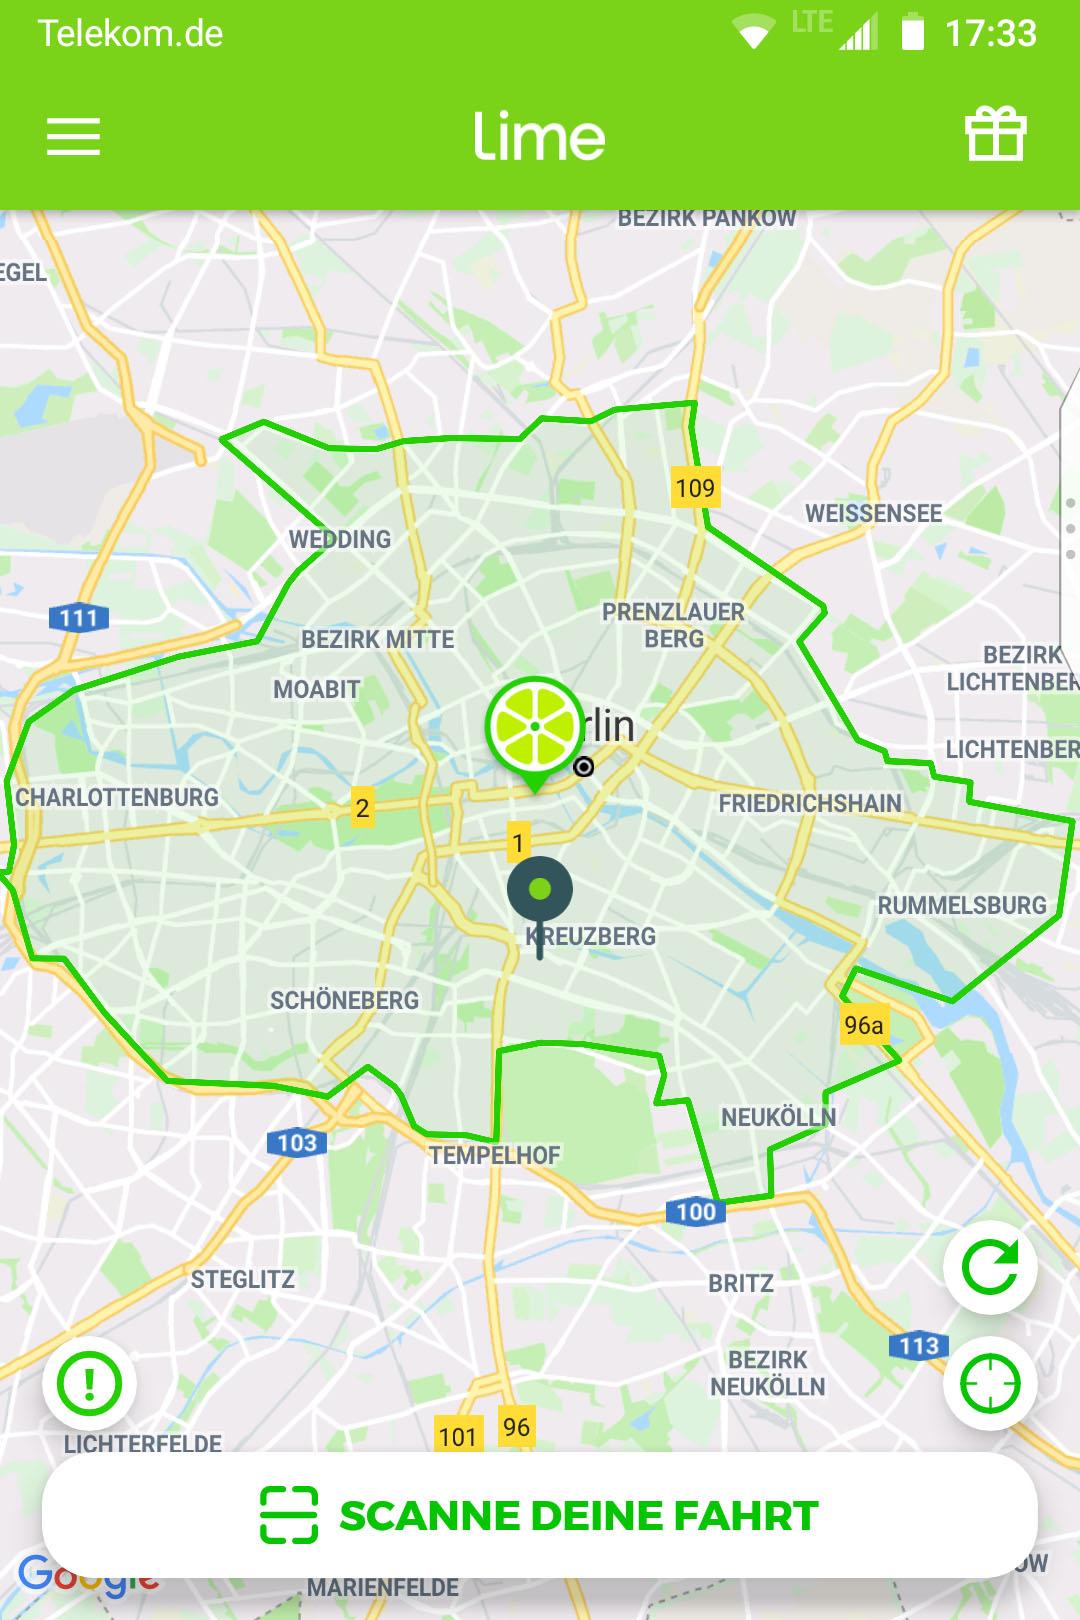 Berlin établit un record pour les tours de scooter électriques les plus rapides d'un million